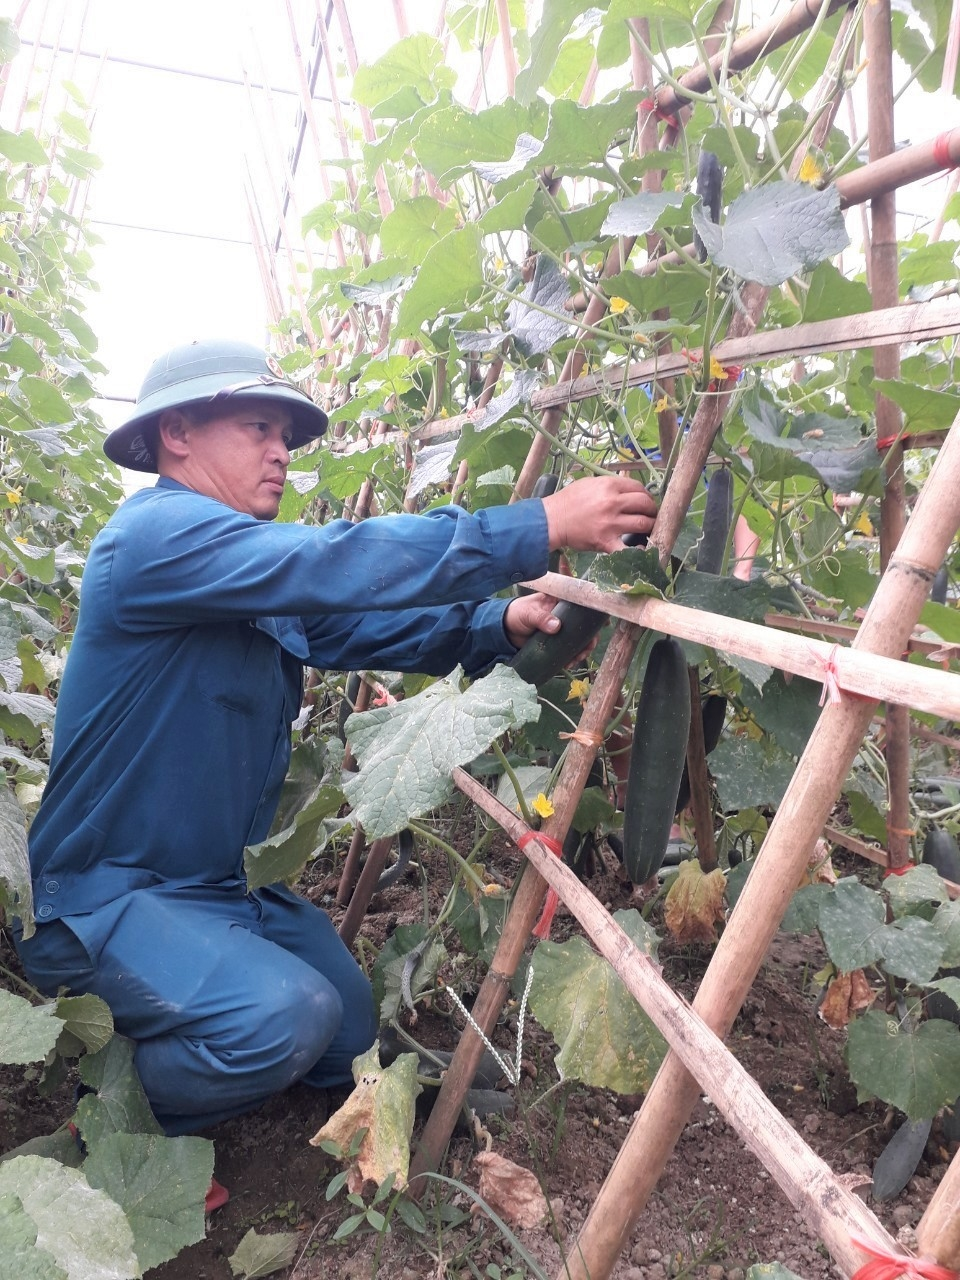 Mỗi sào đất trồng dưa lưới cho thu hoạch 2 tấn quả, mang lại nguồn thu lãi ước từ 18 đến 20 triệu đồng sau khi đã trừ chi phí